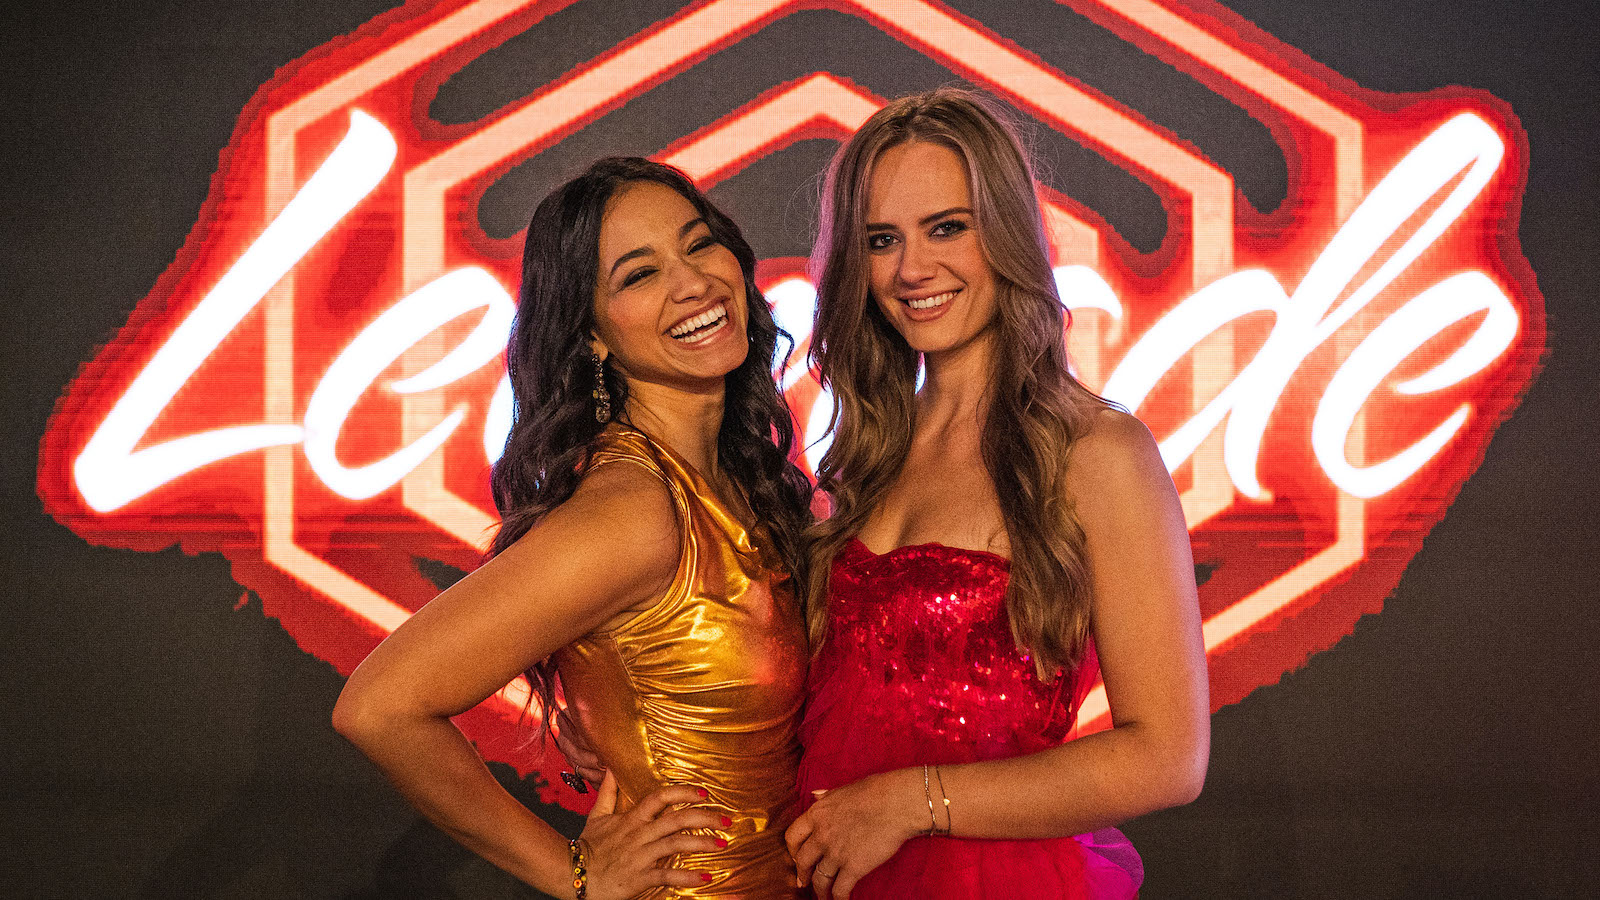 Leonie und Shinade gewinnen Show